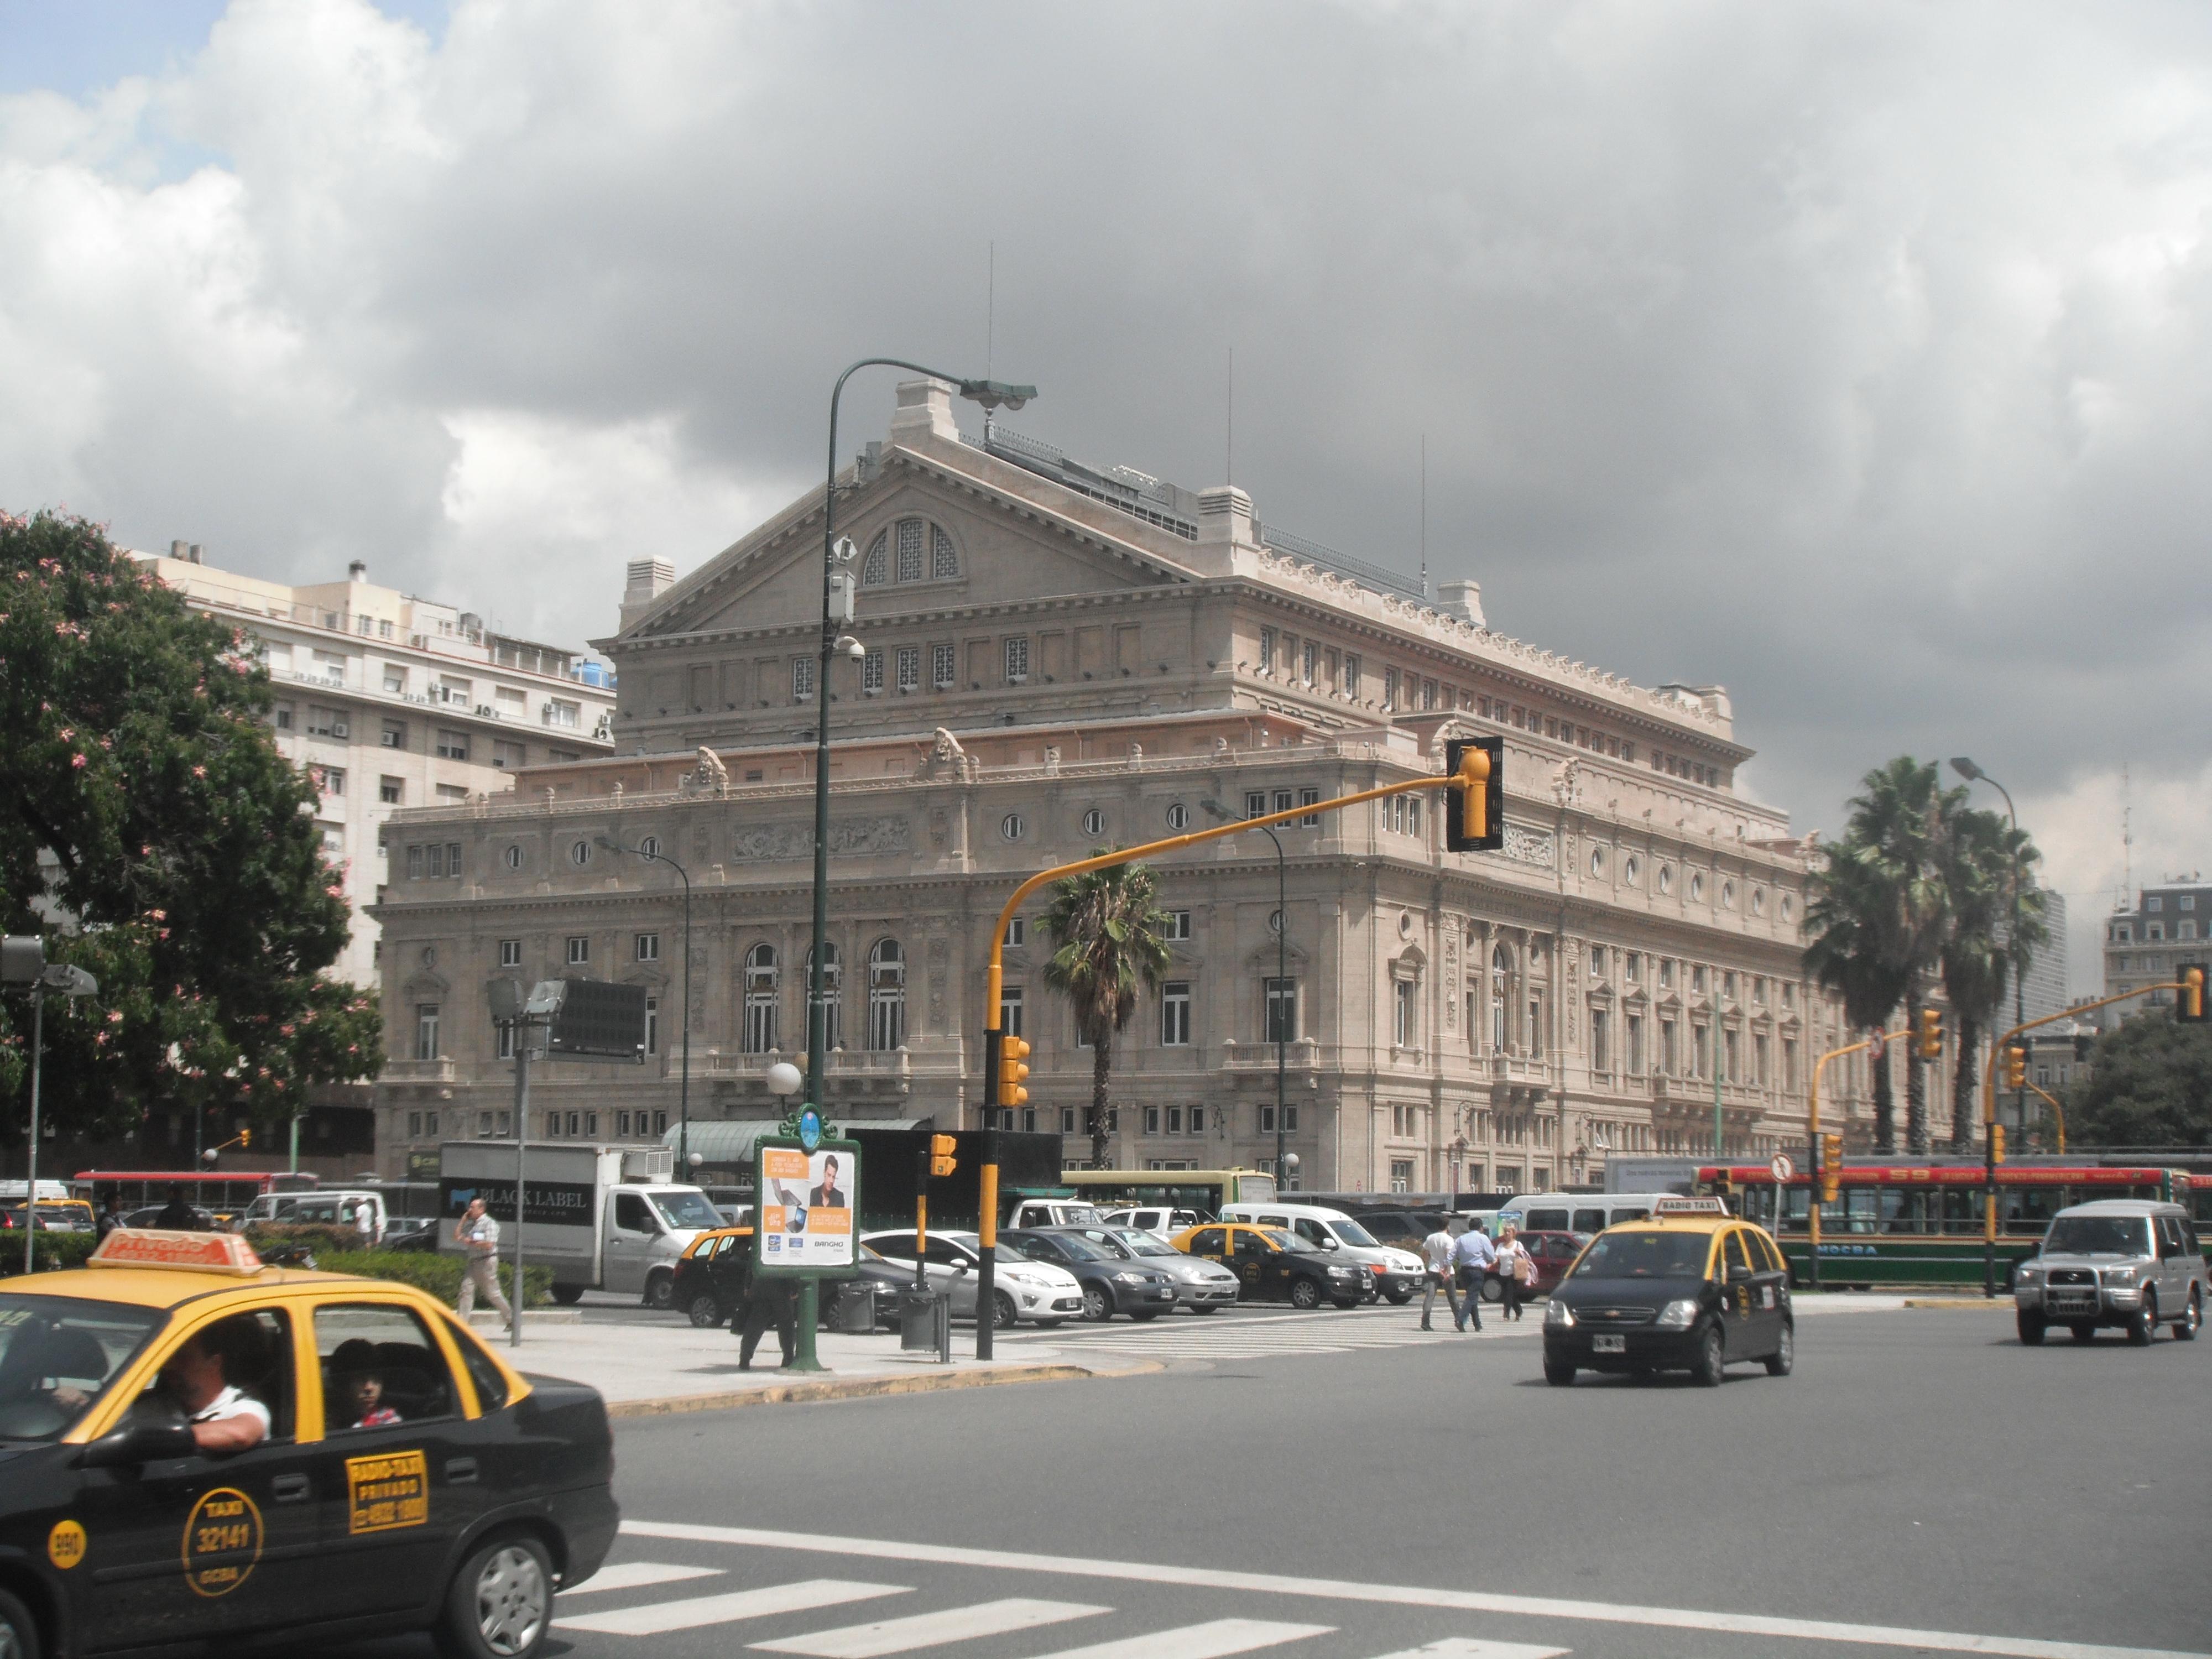 Аргентина, Буэнос-Айрес.Театр Колумба, авенида Карлос Пелегрини 28.02.2012